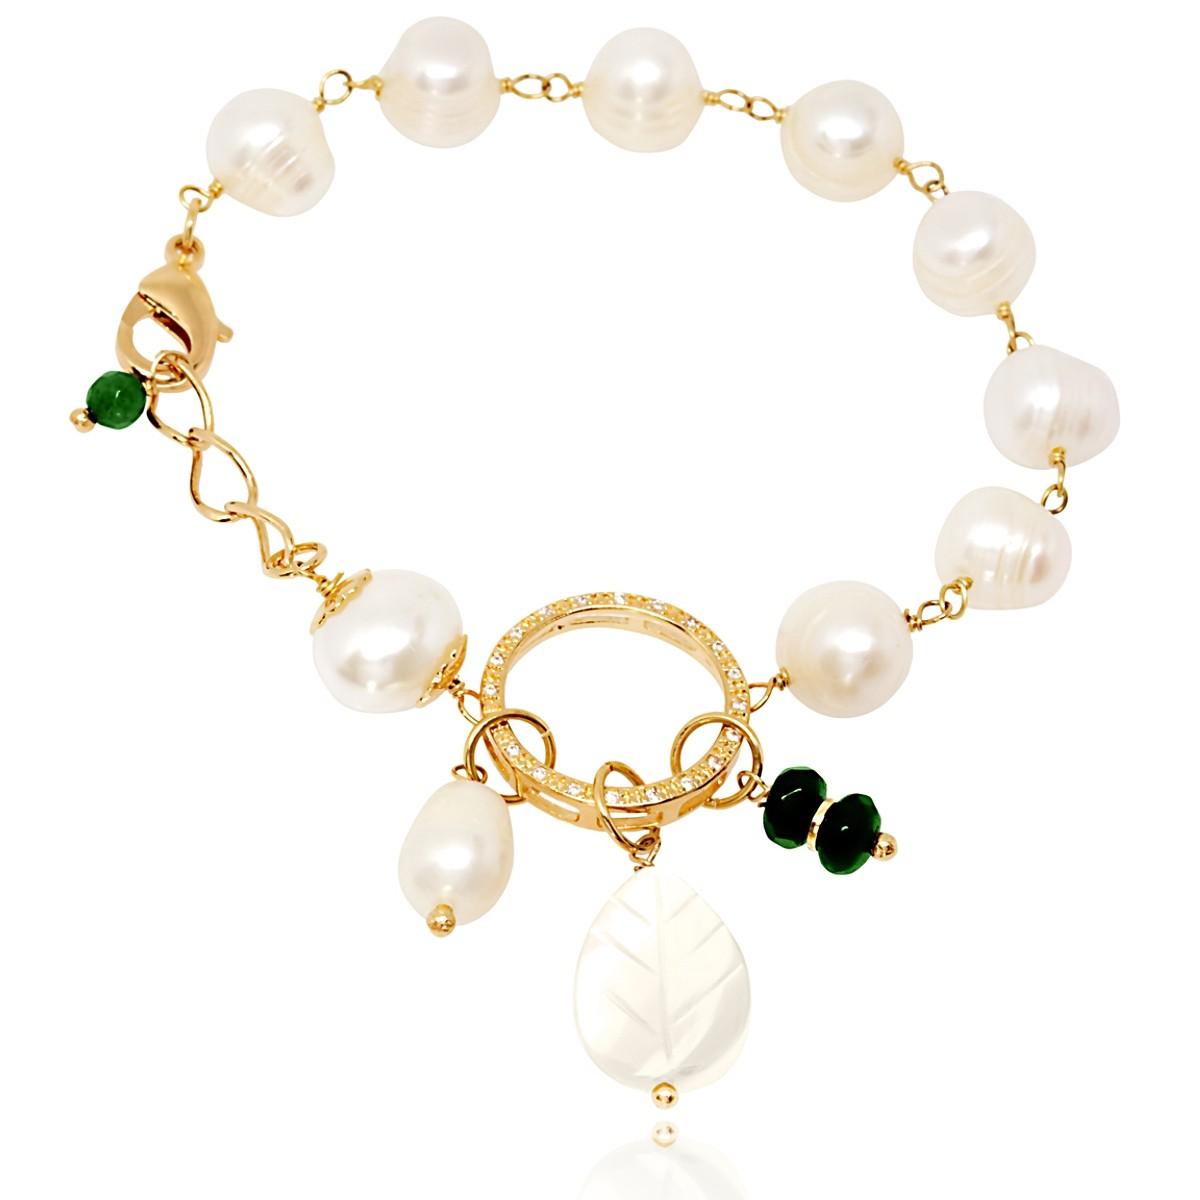 Pulseira Pérolas Água Doce Fashion Semijoia Ouro 18K com Zircônia Branca e Pedra Natural Jade  - Soloyou